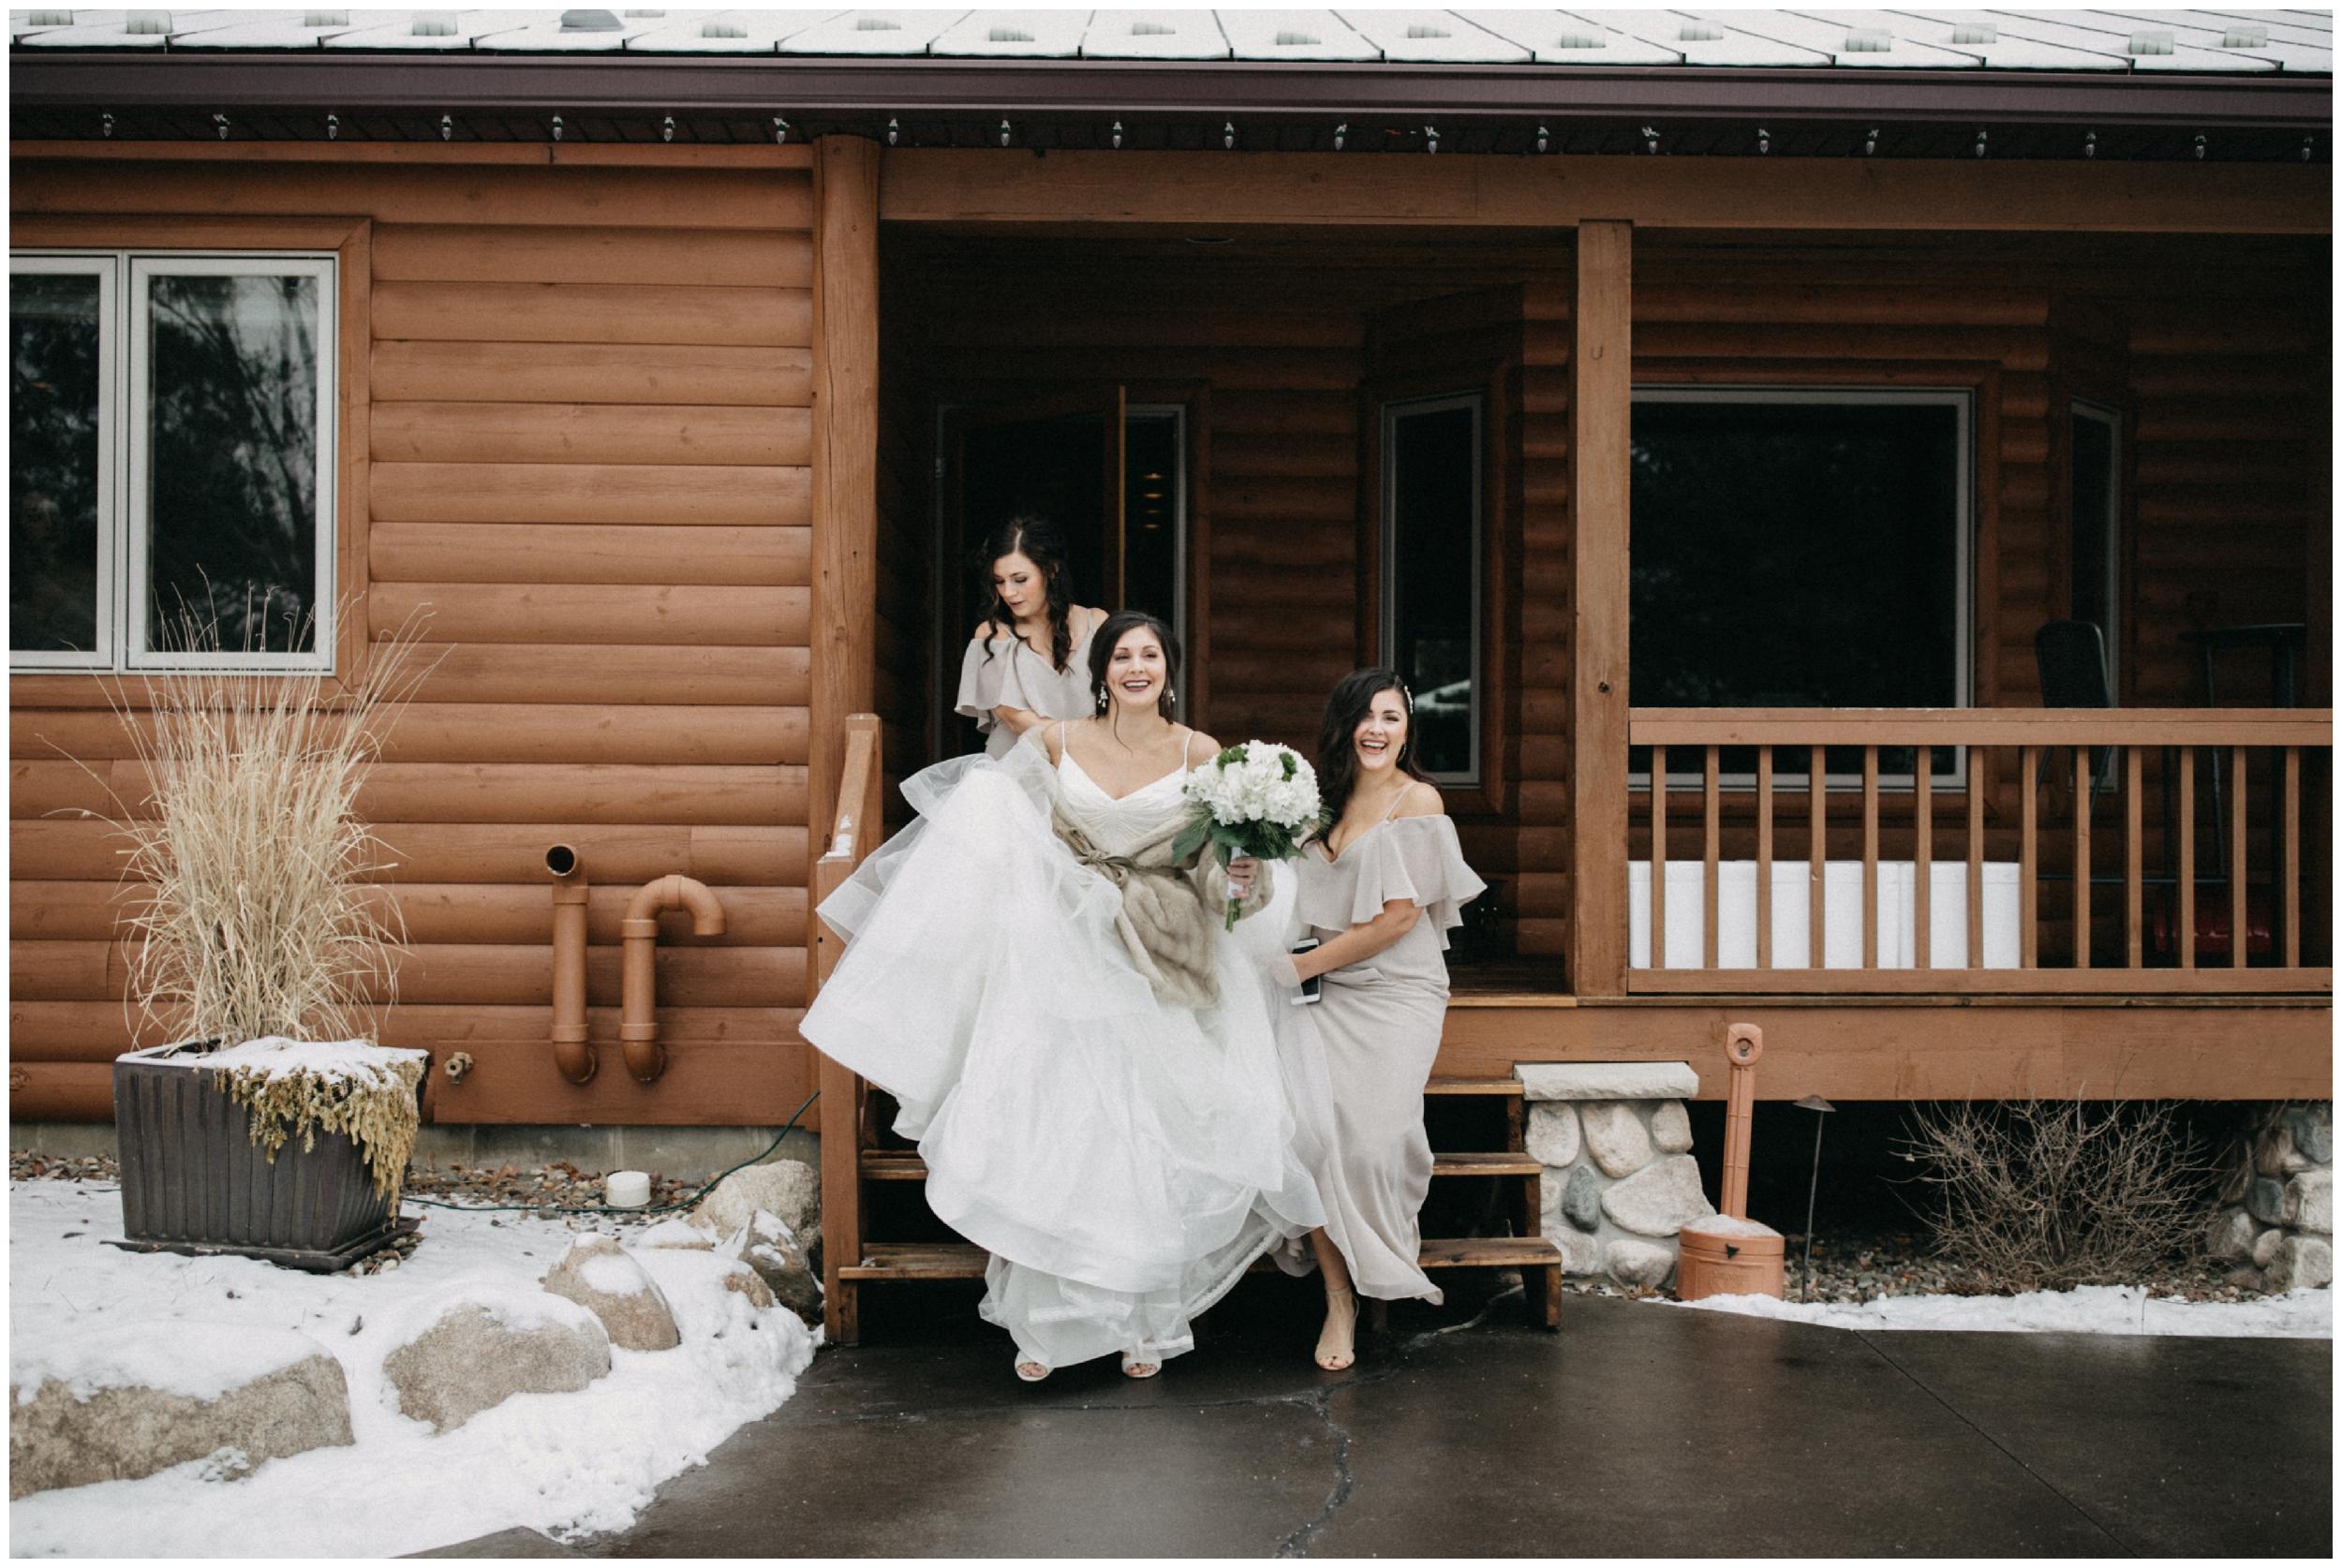 Winter wedding at Pine Peaks in Crosslake MN